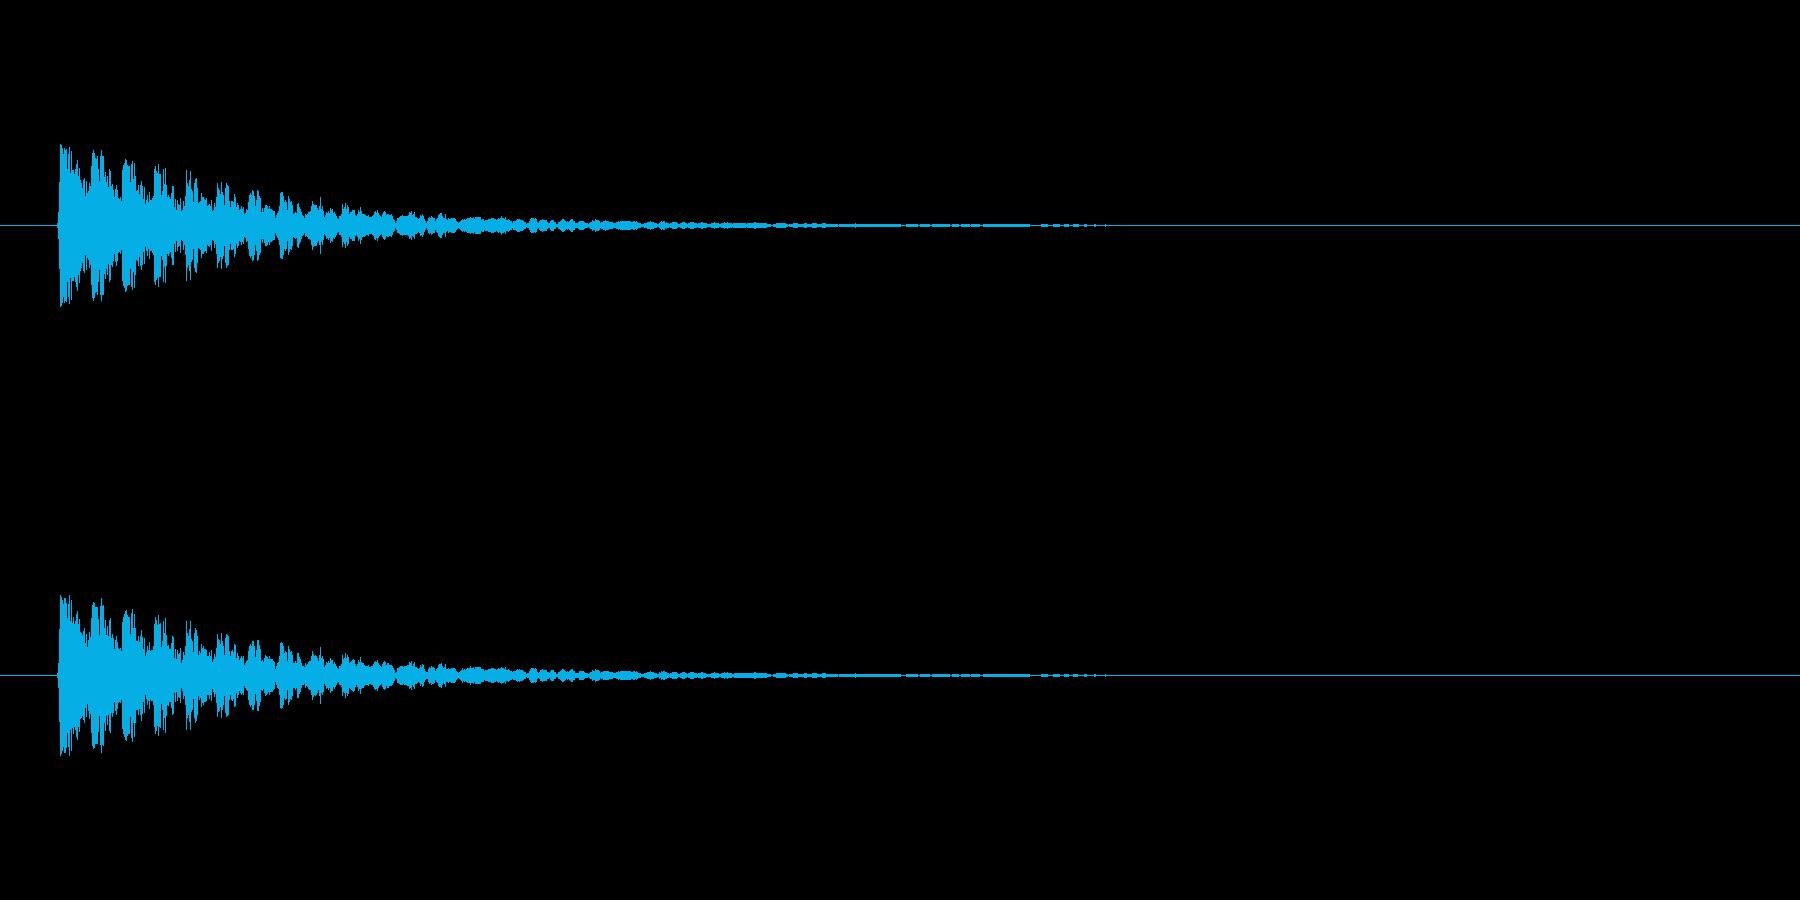 【アクセント18-1】の再生済みの波形